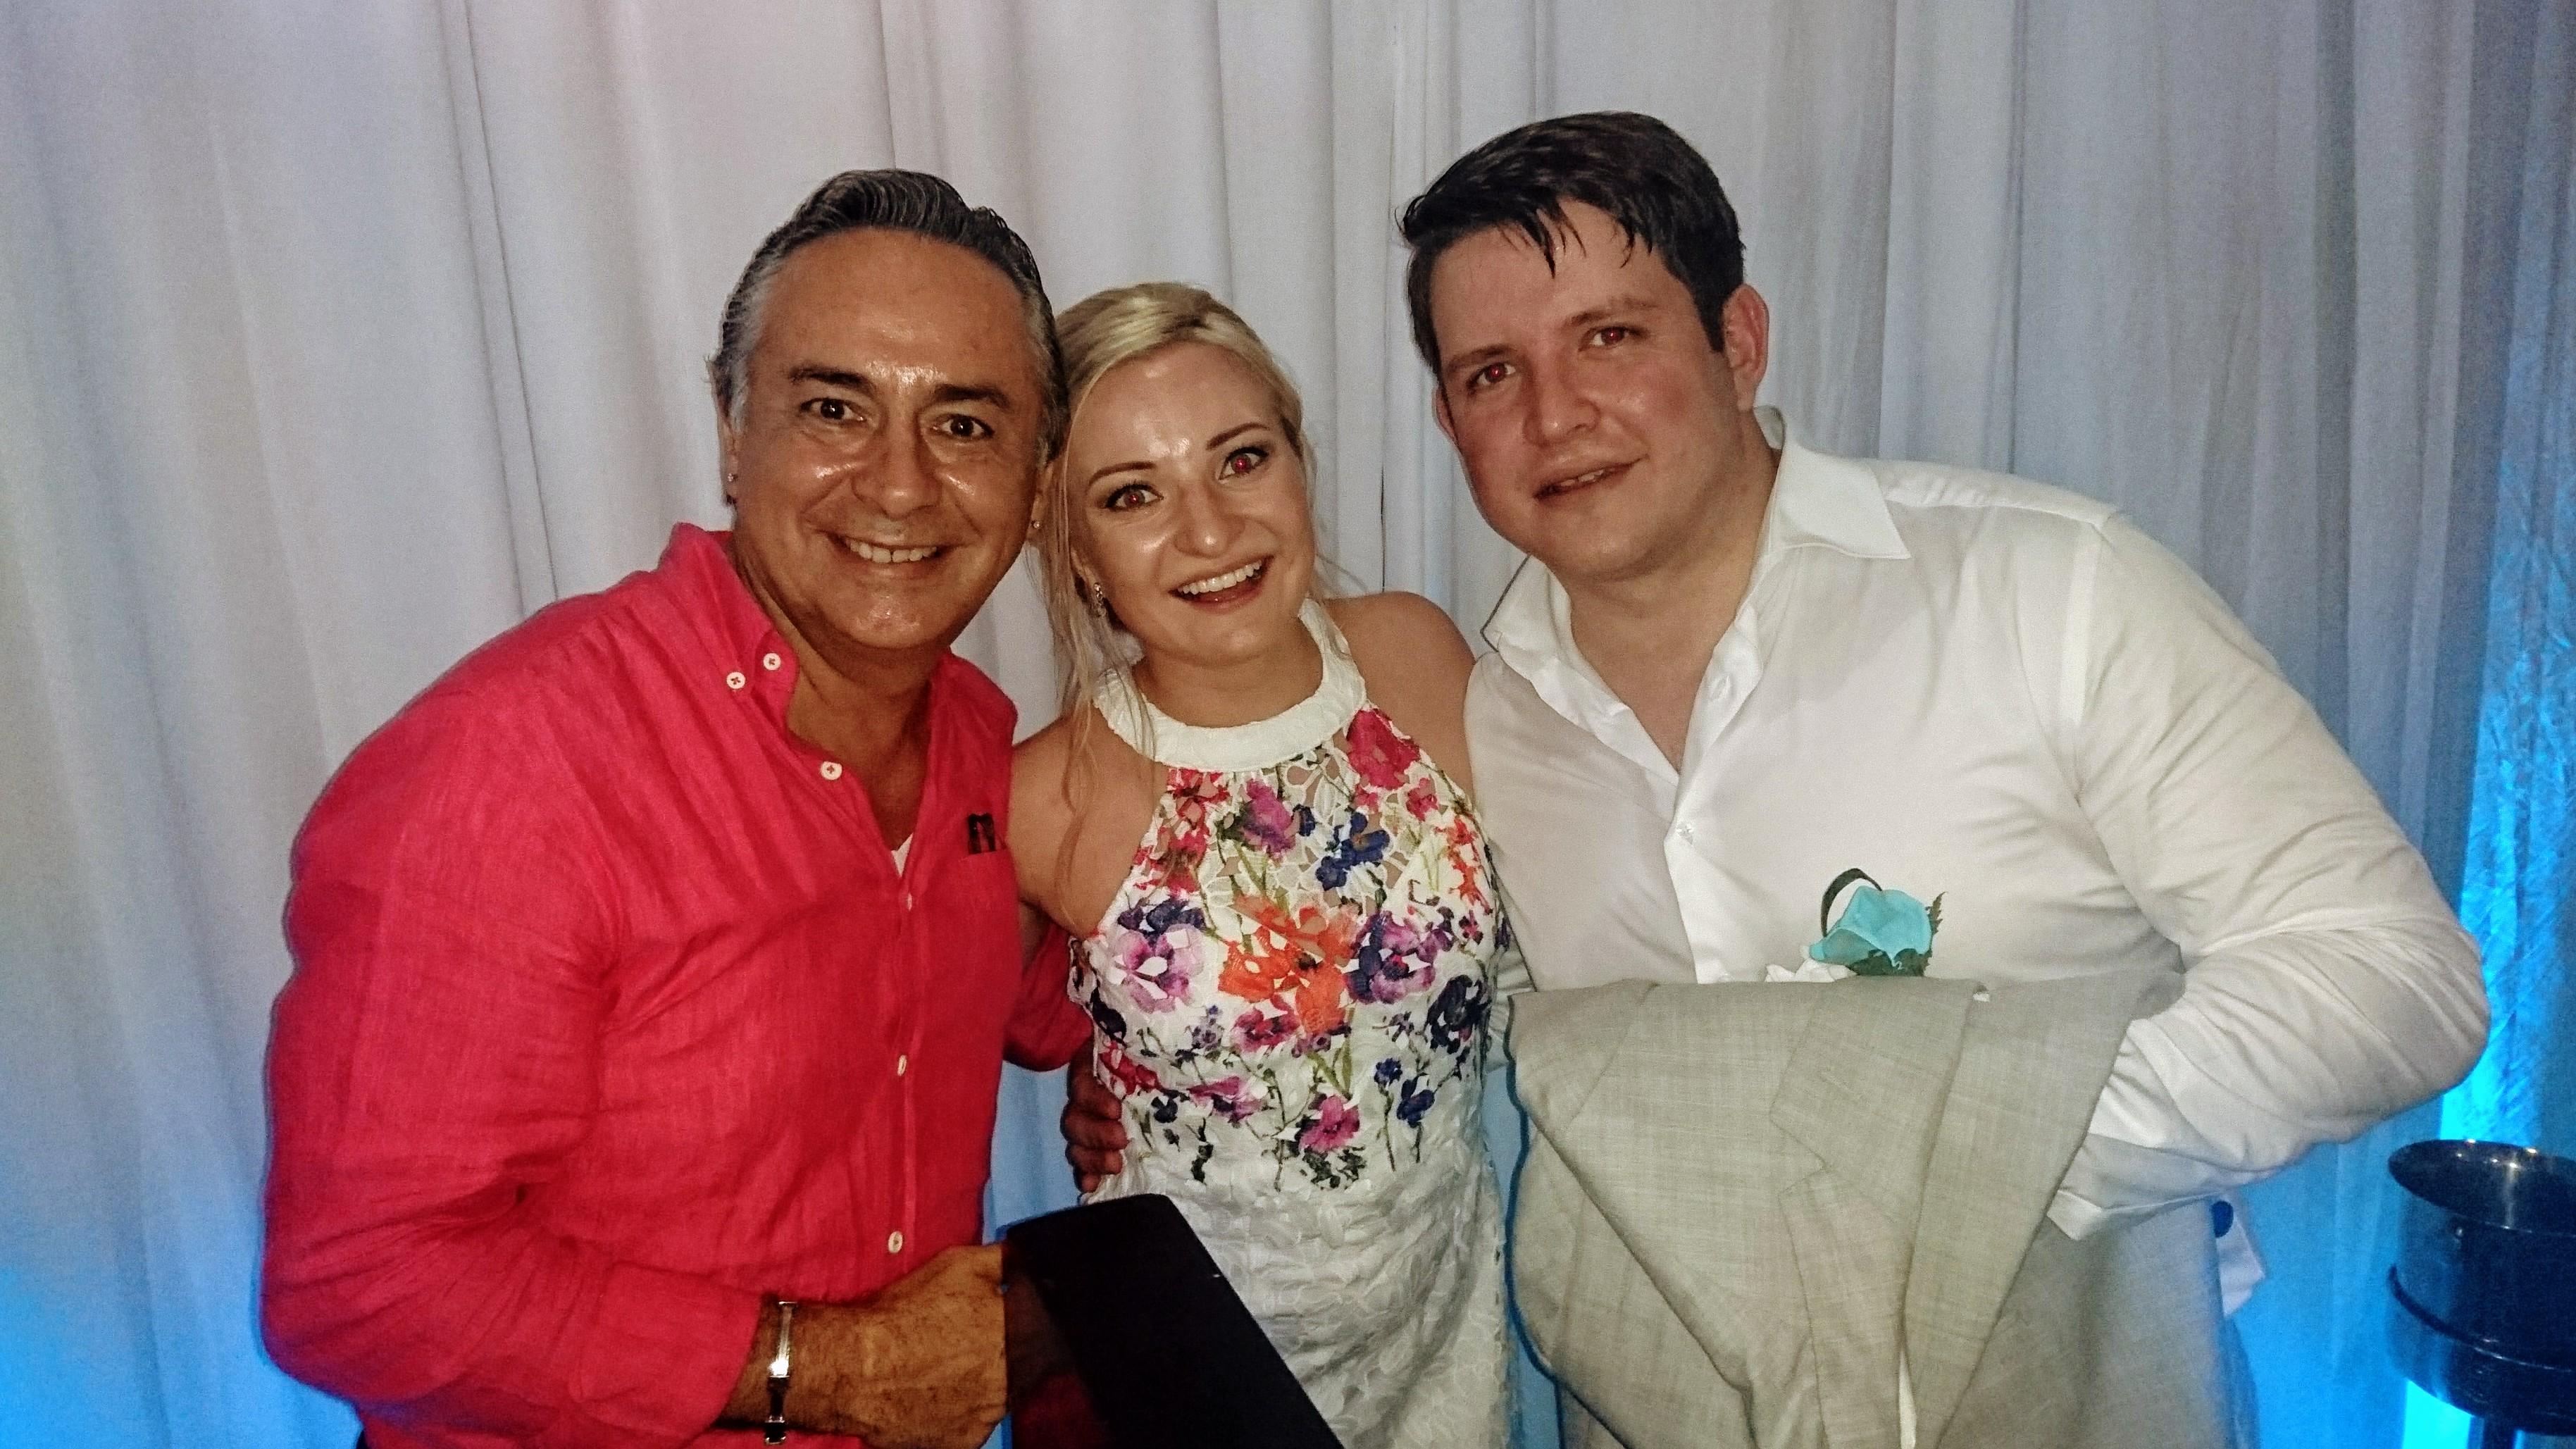 2017-05-03 Kirill and Nastya from Russia at Riu Península